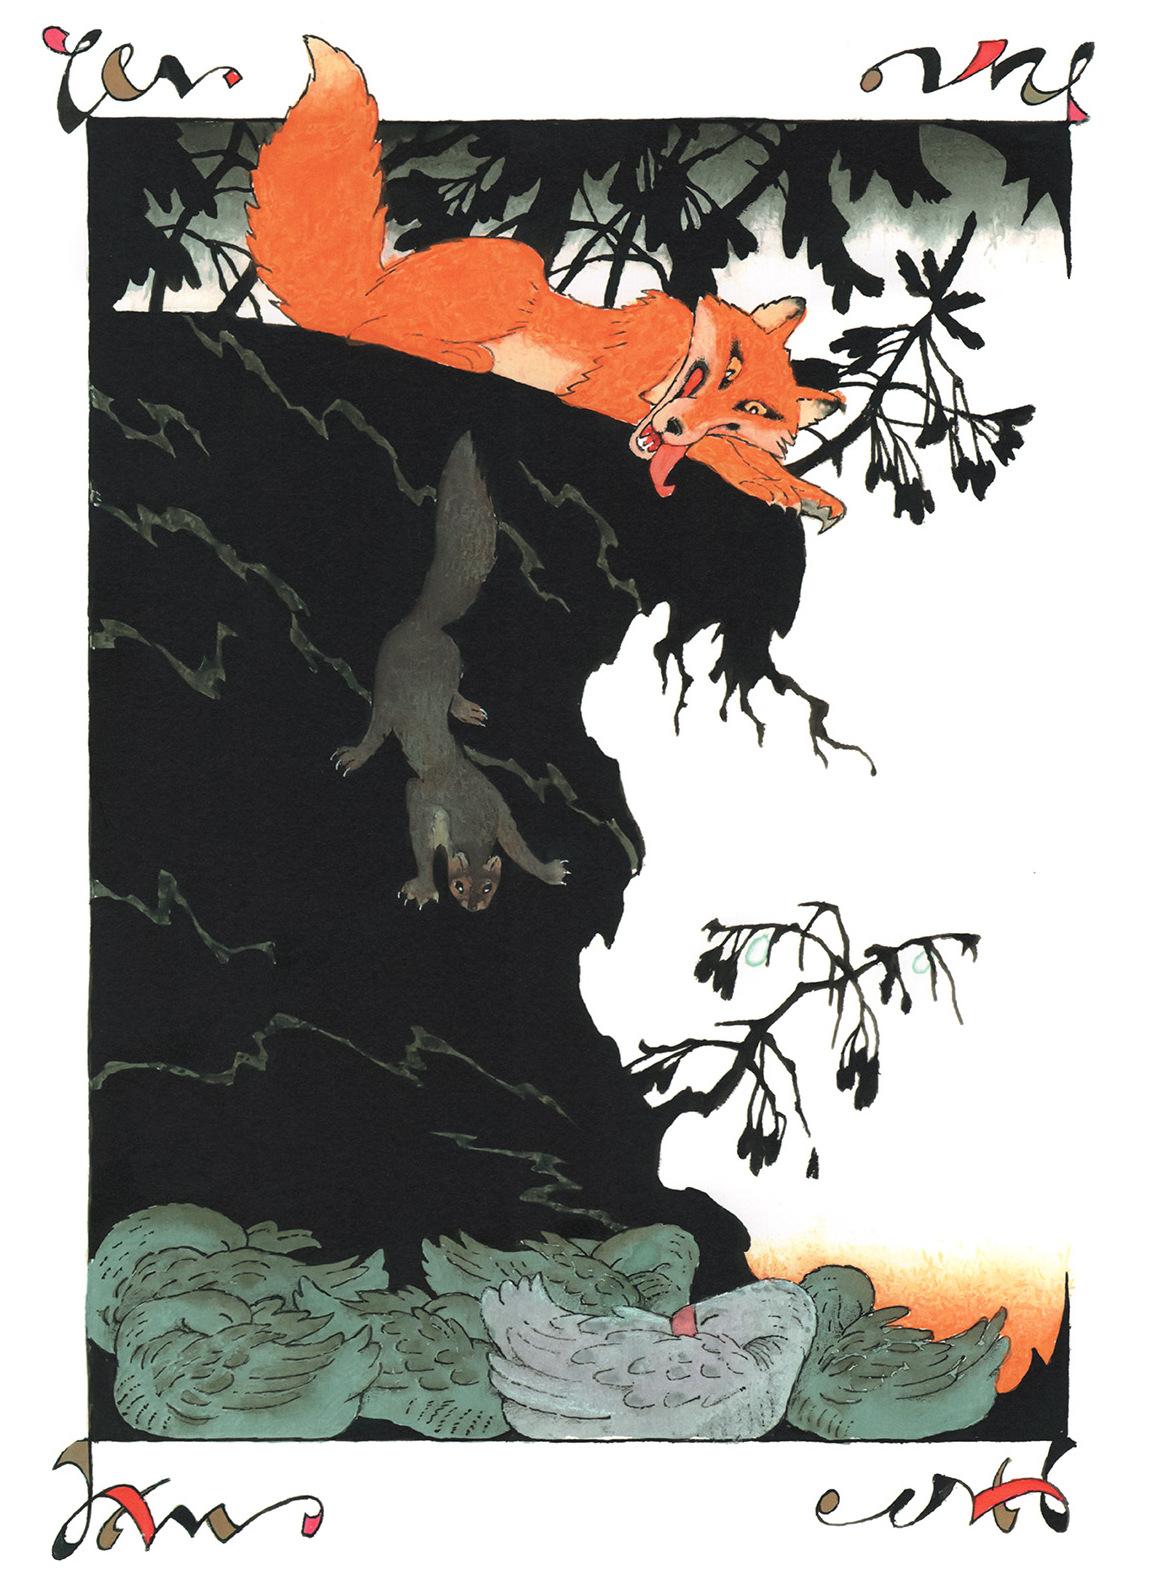 Из книги С. Лагерлёф «Чудесное путешествие Нильса с дикими гусями» , 1978